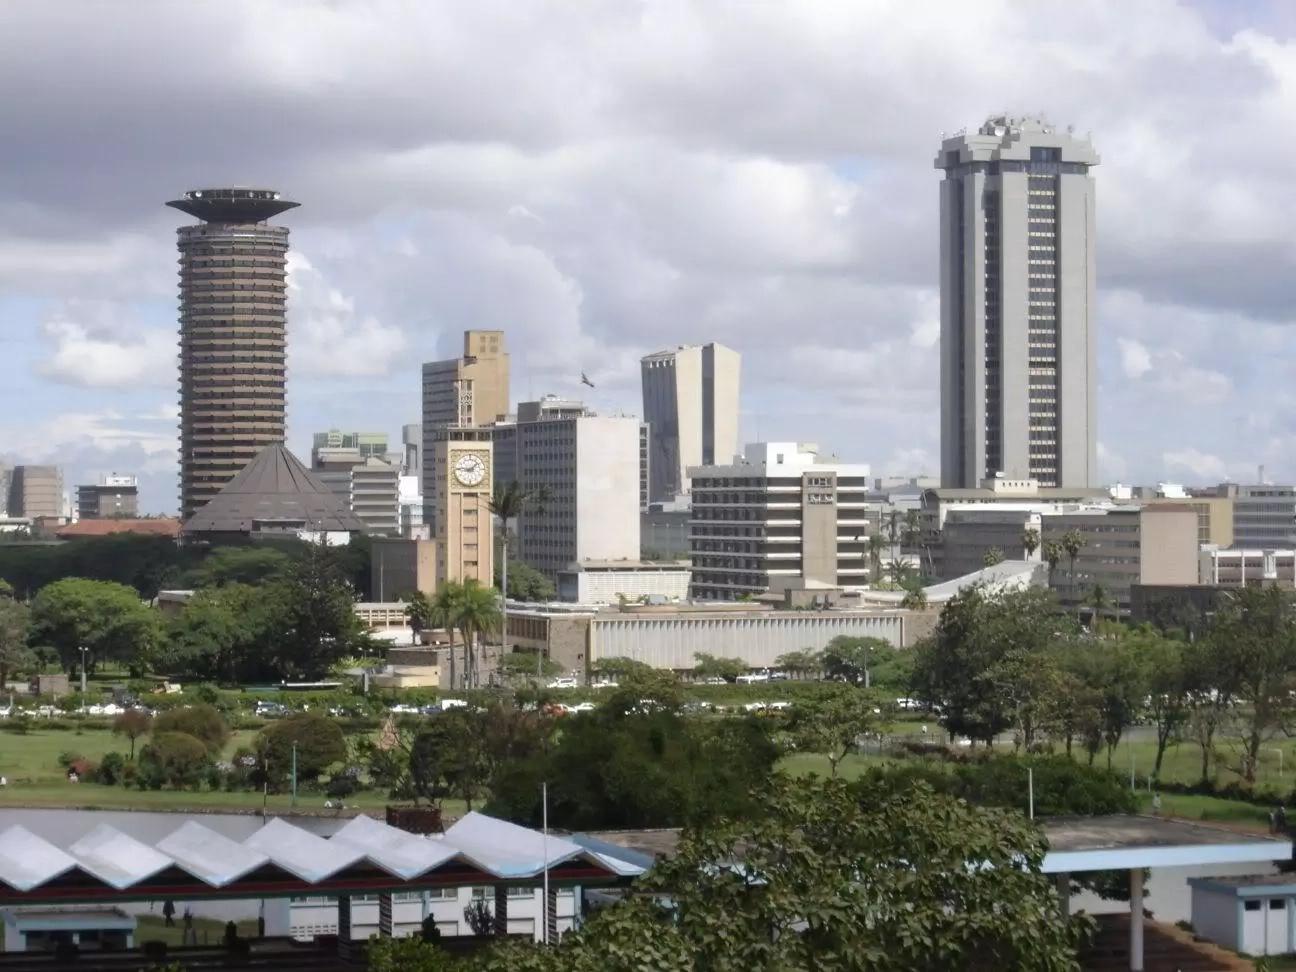 Haya ndiyo maeneo hatari zaidi jijini Nairobi